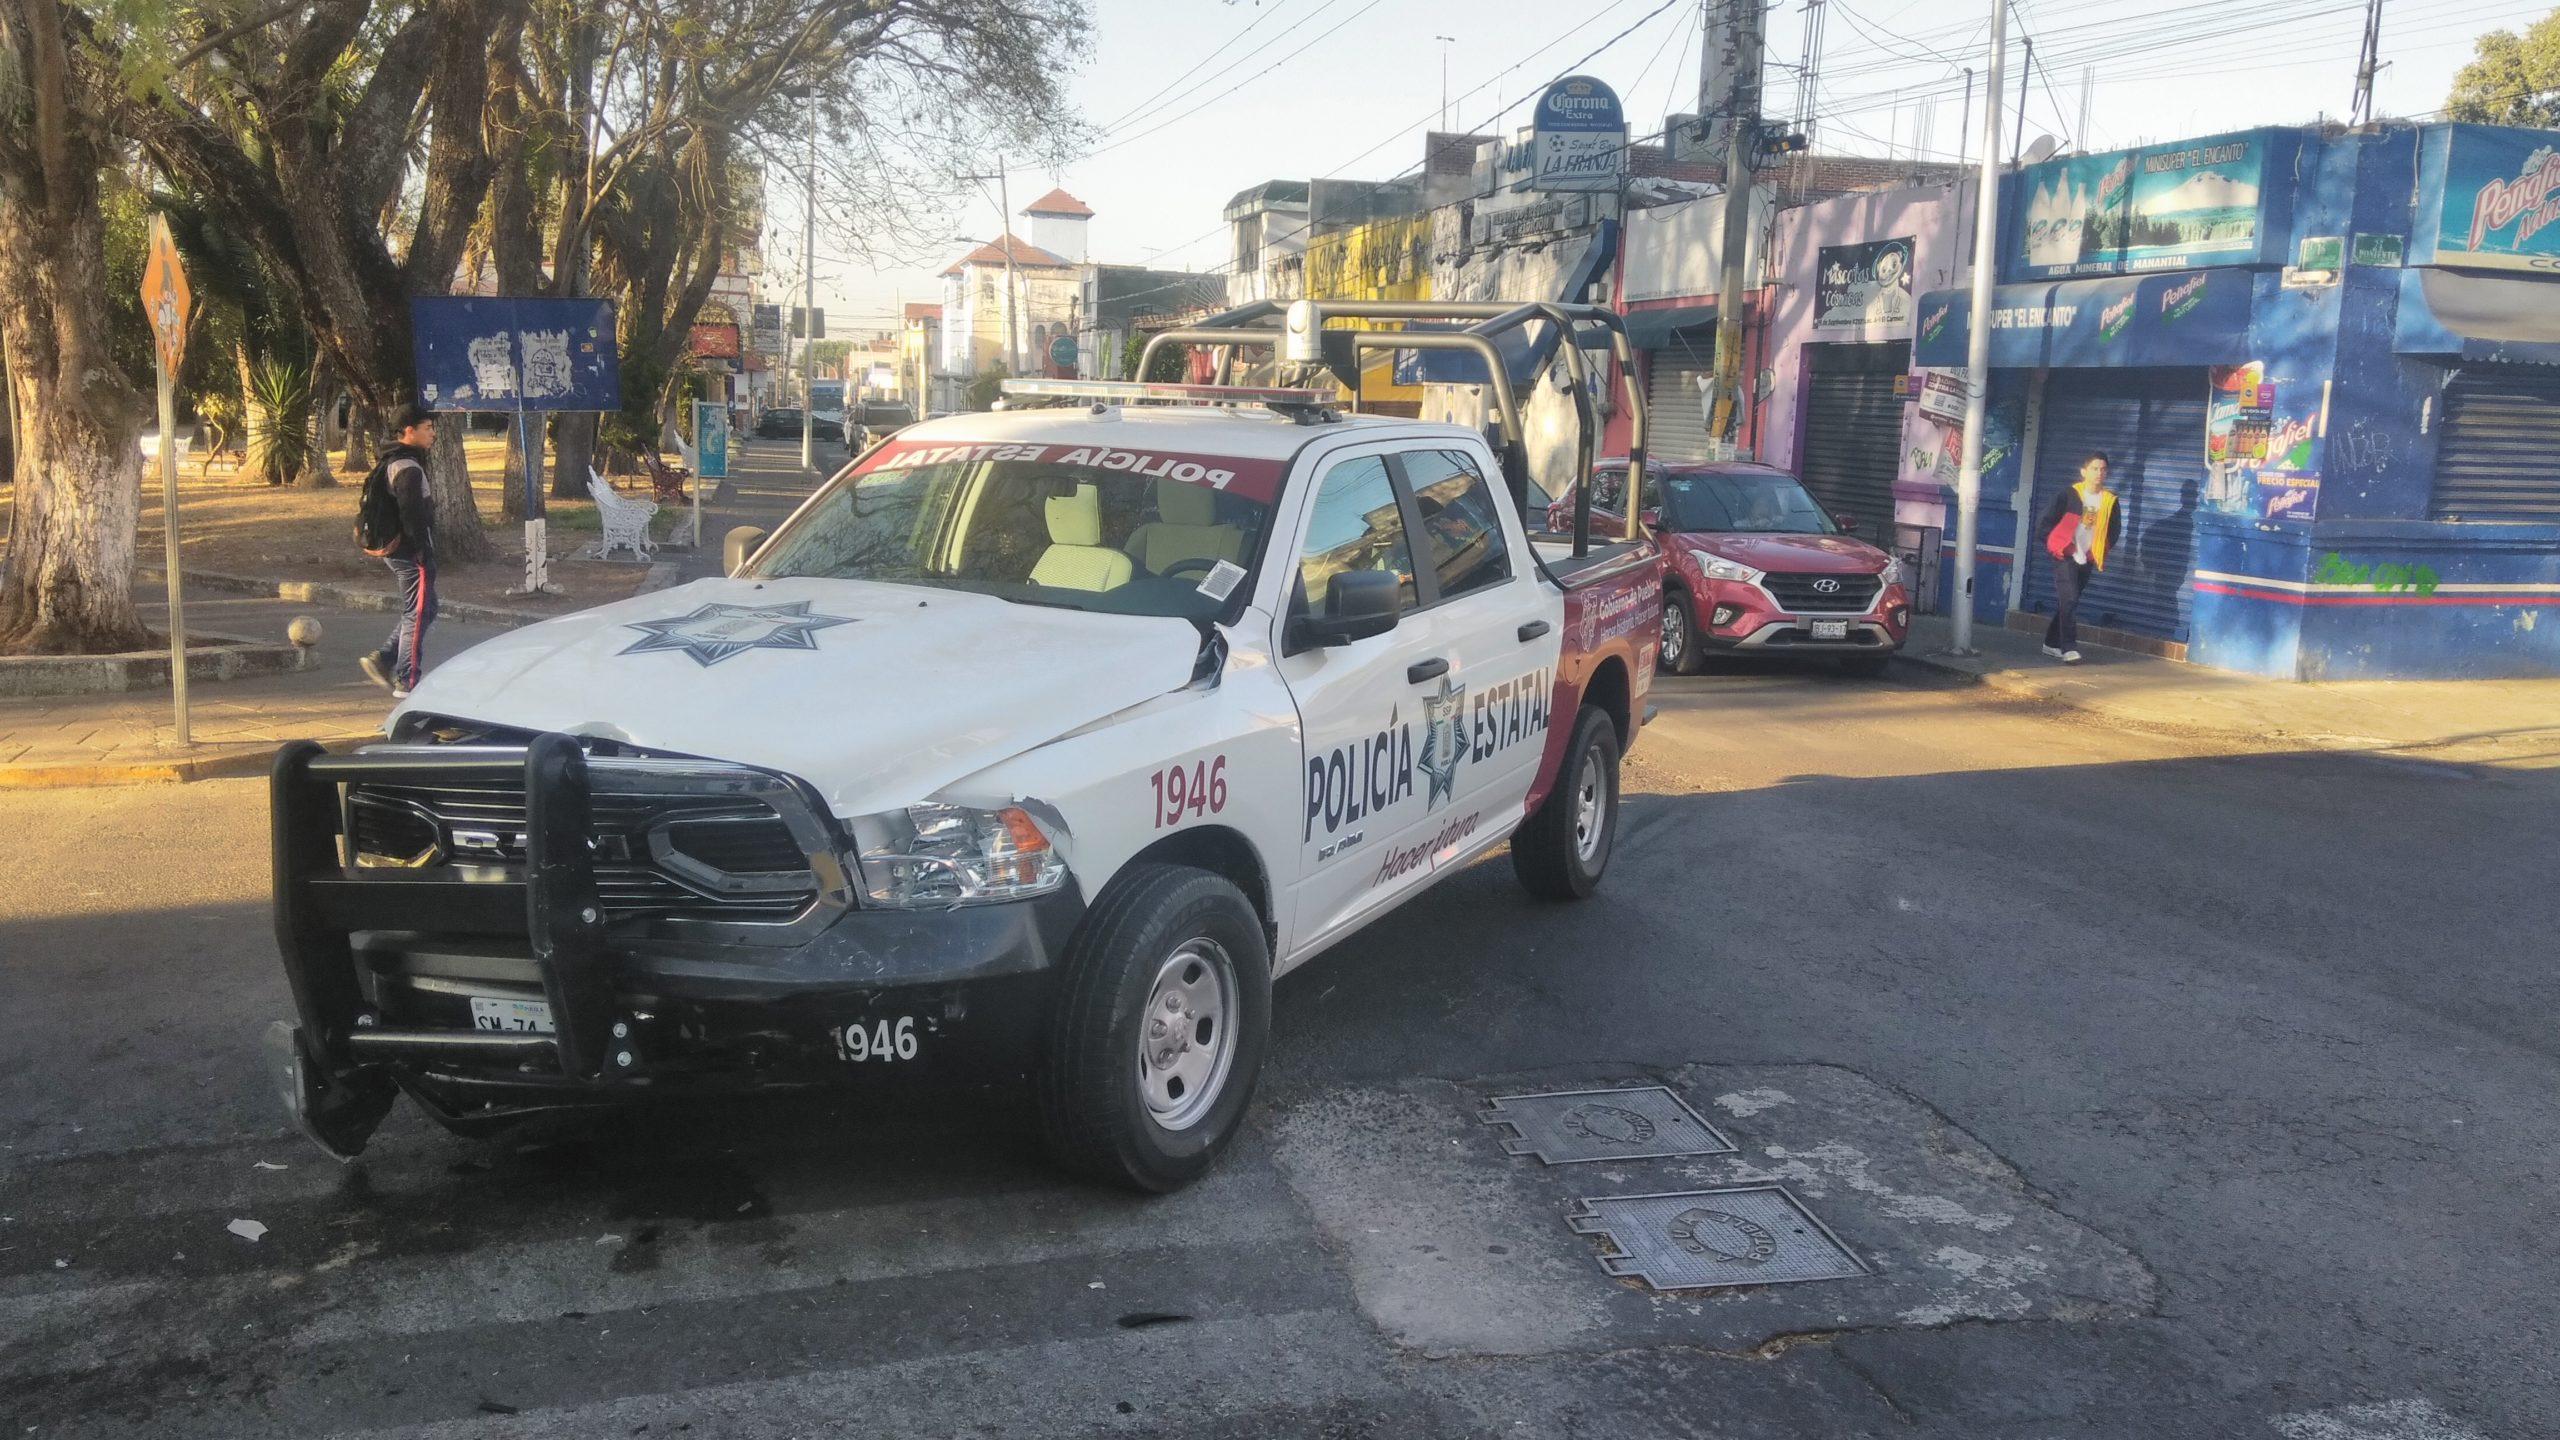 PATRULLAS DE LA POLICÍA ESTATAL PROTAGONIZARON APARATOSOS ACCIDENTES ESTE MARTES